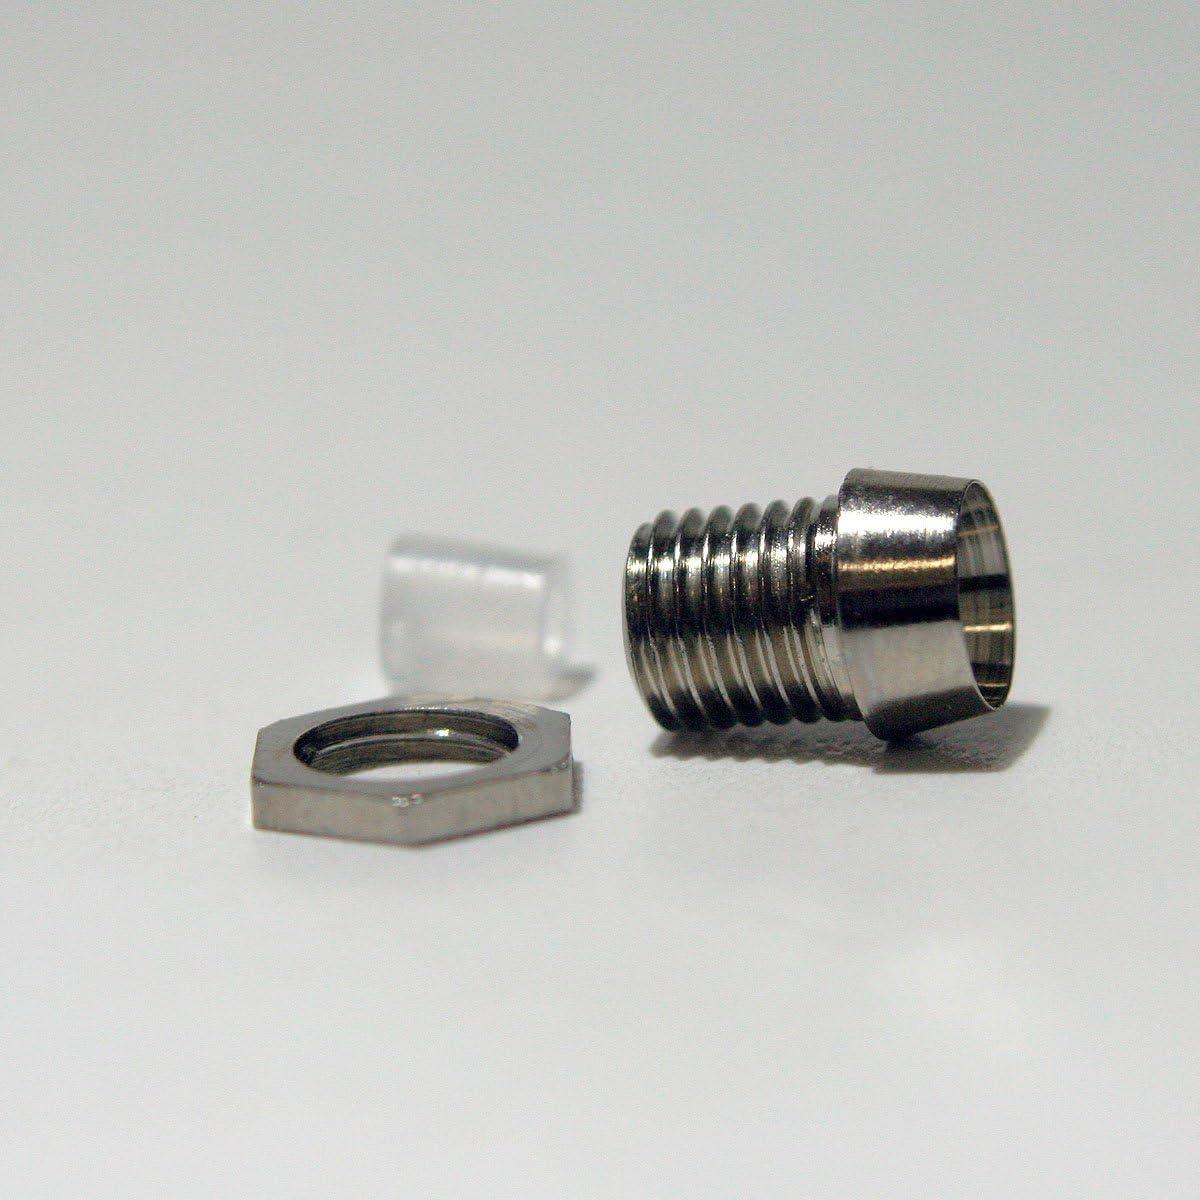 World Trading Net 10 Metallfassungen Schraube Für 3mm Elektronik